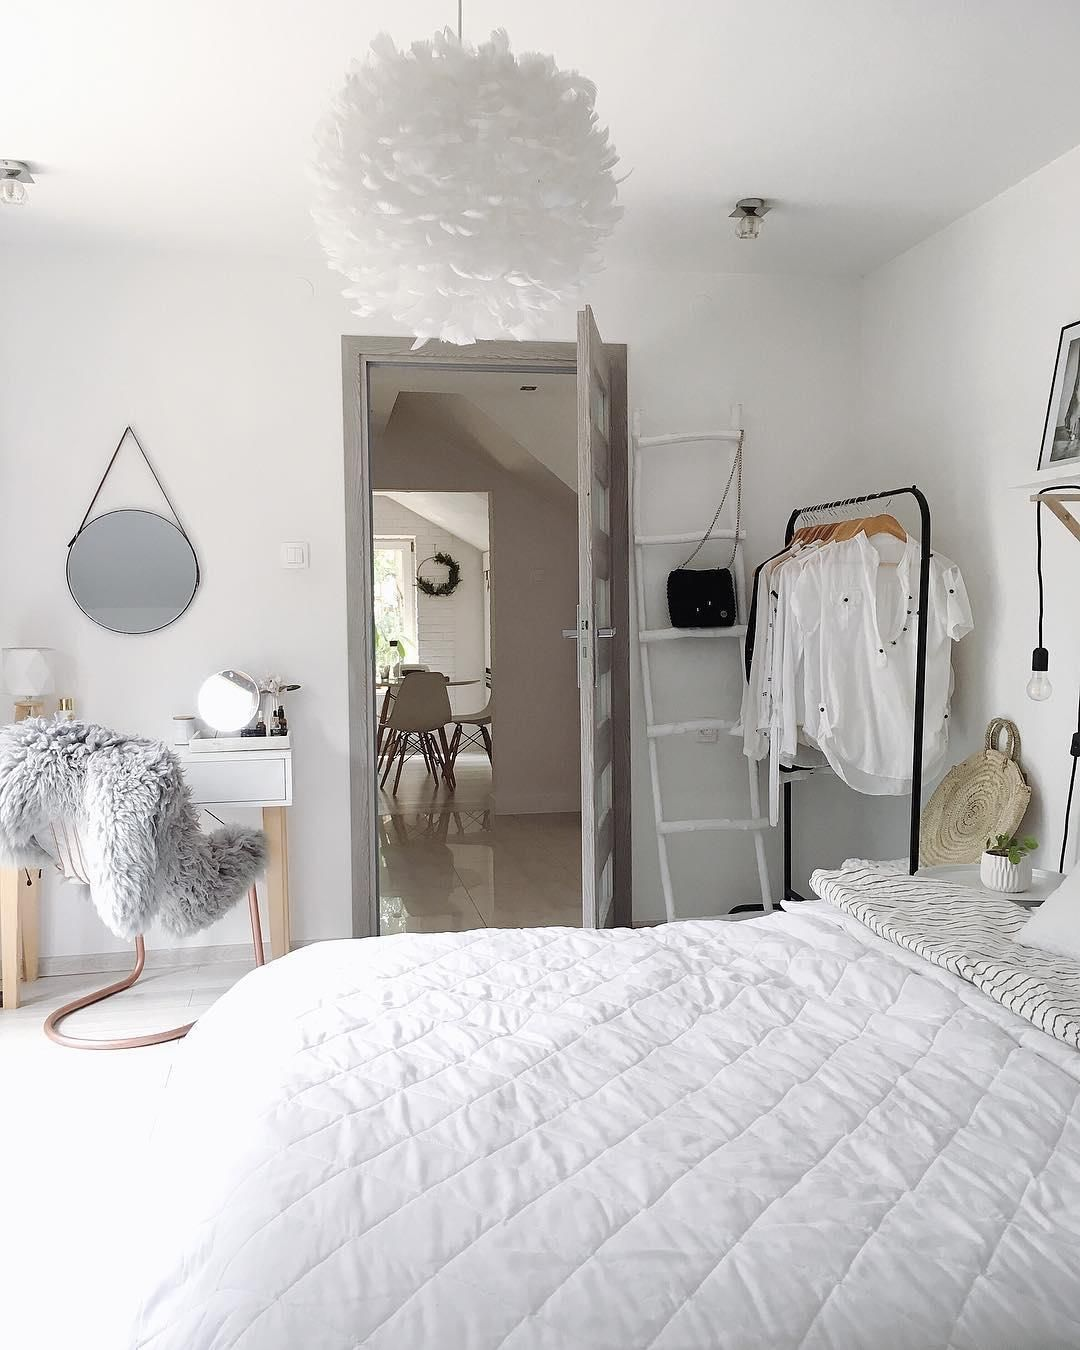 Sanfte Träume Sind In Diesem Schlafzimmer Im Zeitlosen Look In Weiß Und  Grau Vorprogrammiert. Die